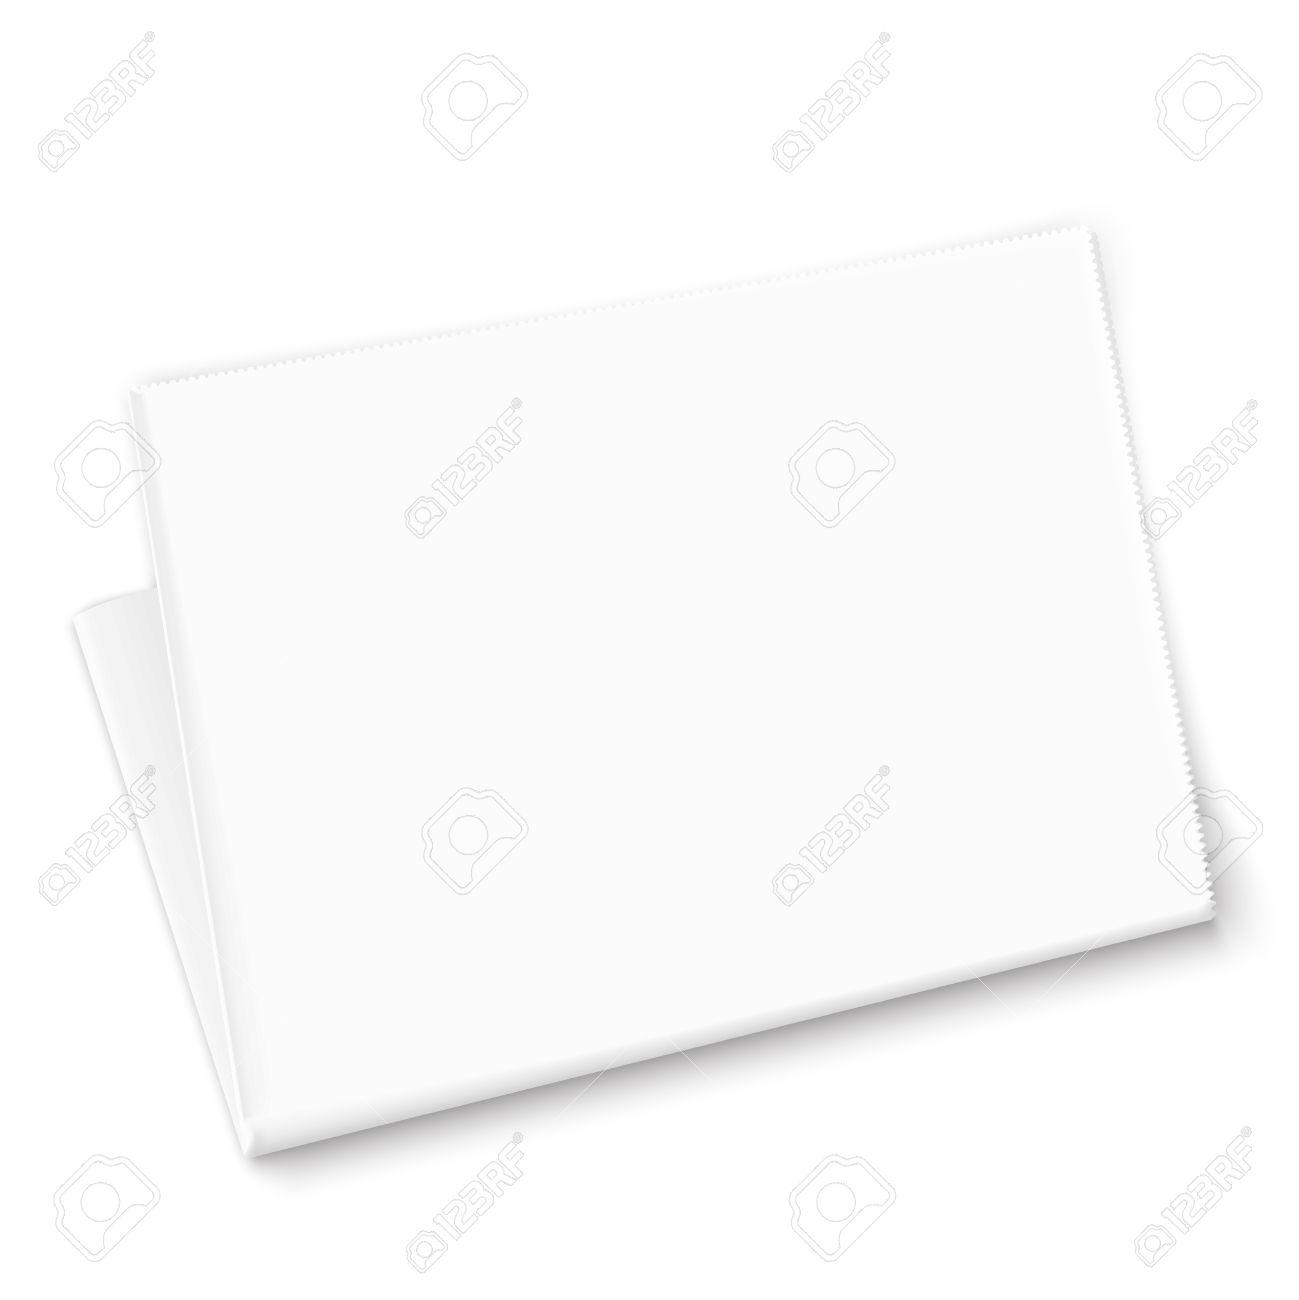 Plantilla De Periódico En Blanco Blanco Sobre Fondo Blanco ...